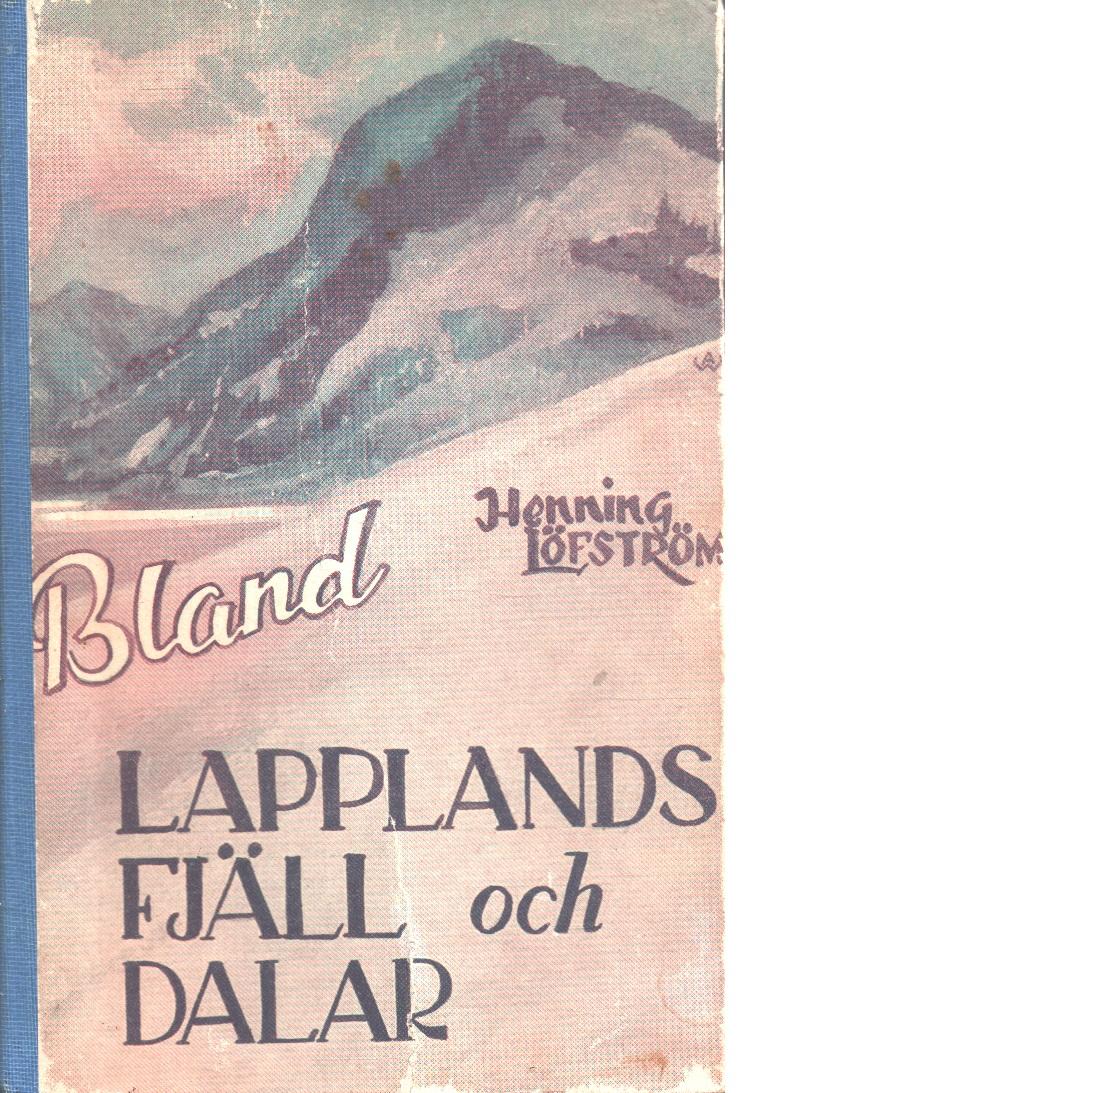 Bland lapplands fjäll och dalar. - Löfström, Henning